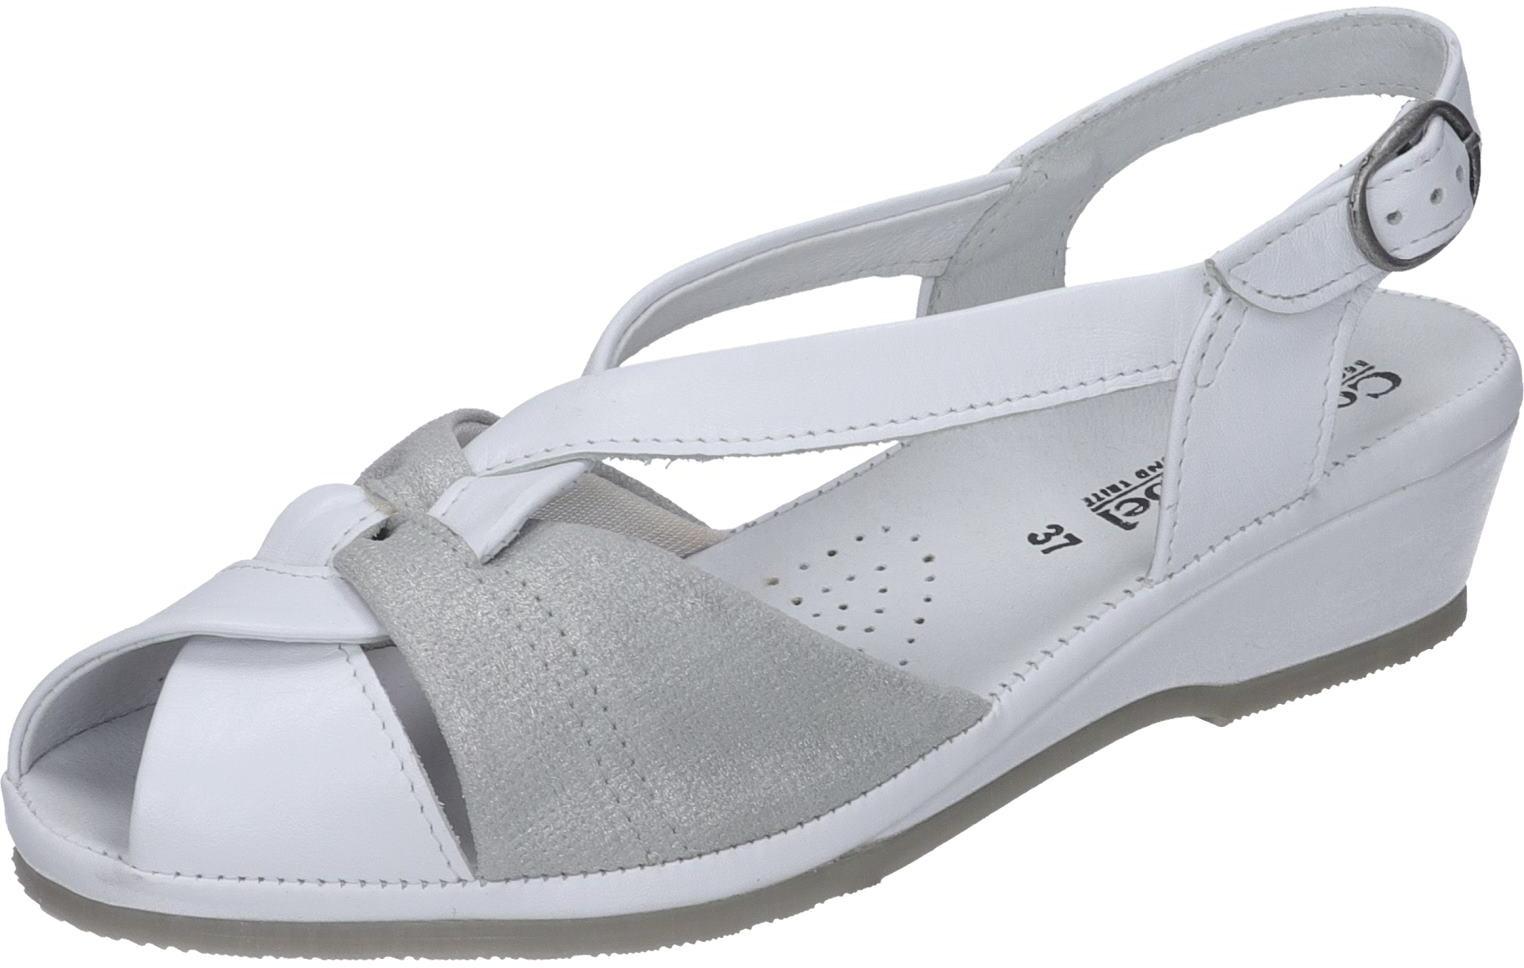 Comfortabel Schuhe Damen 710817 Glattleder weiß Damen